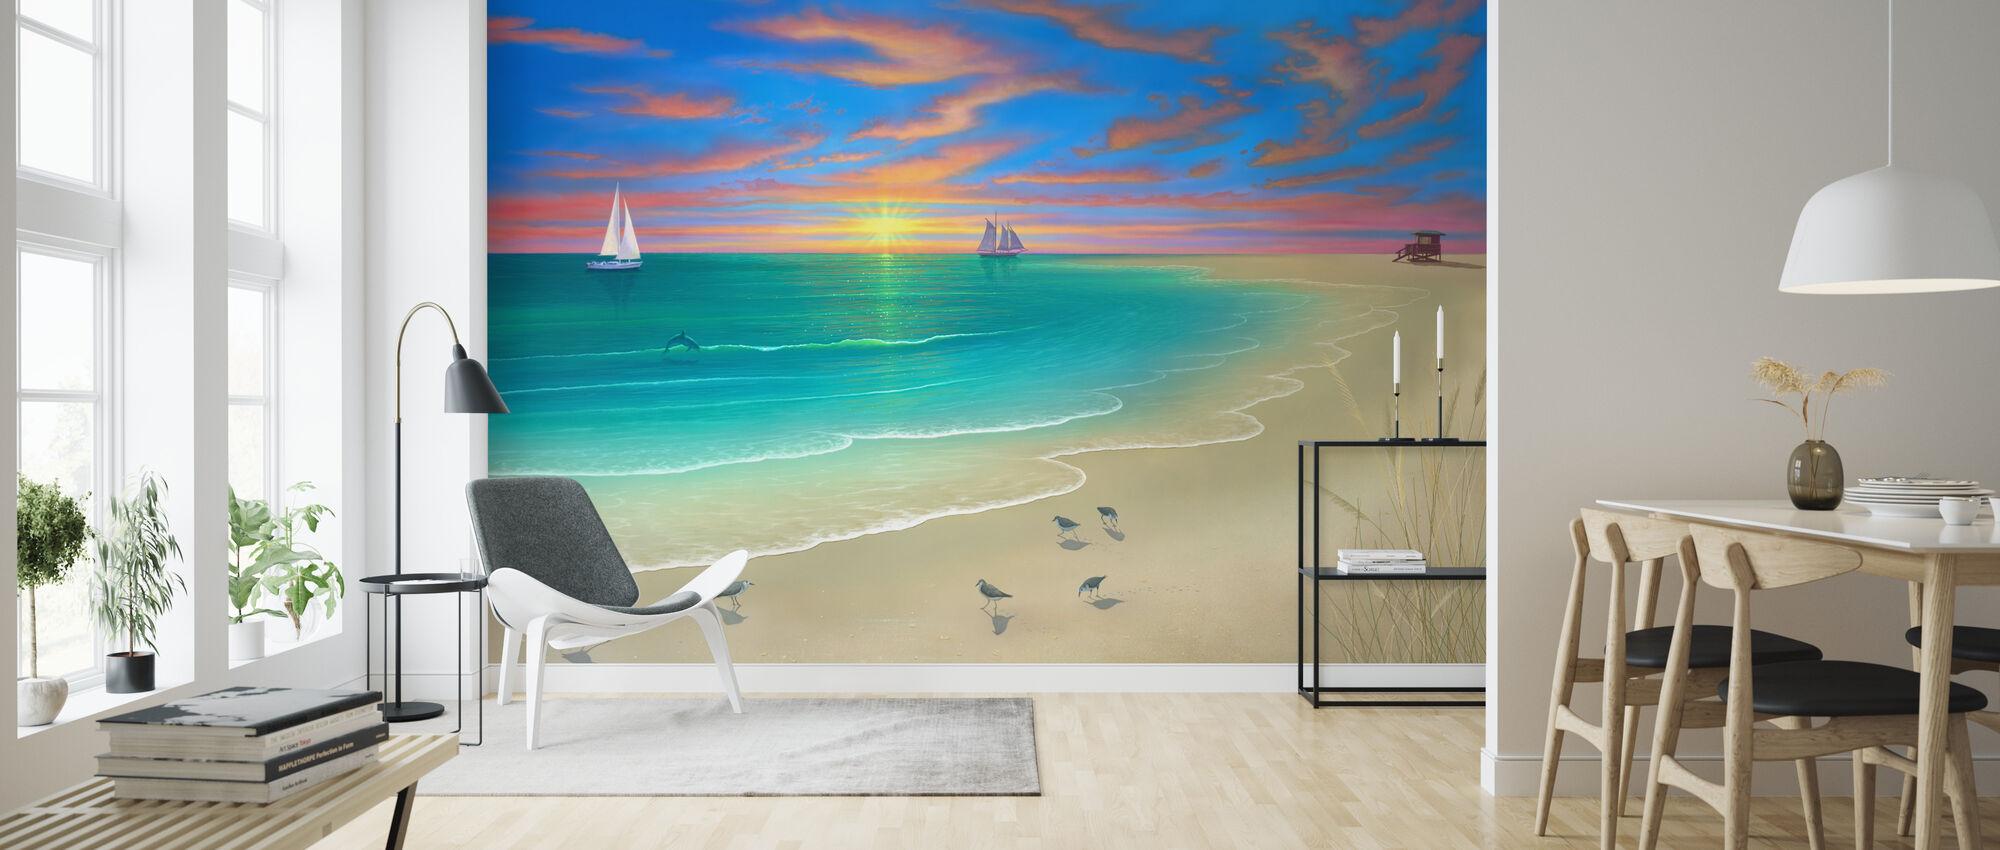 Päivä rannalla - Tapetti - Olohuone